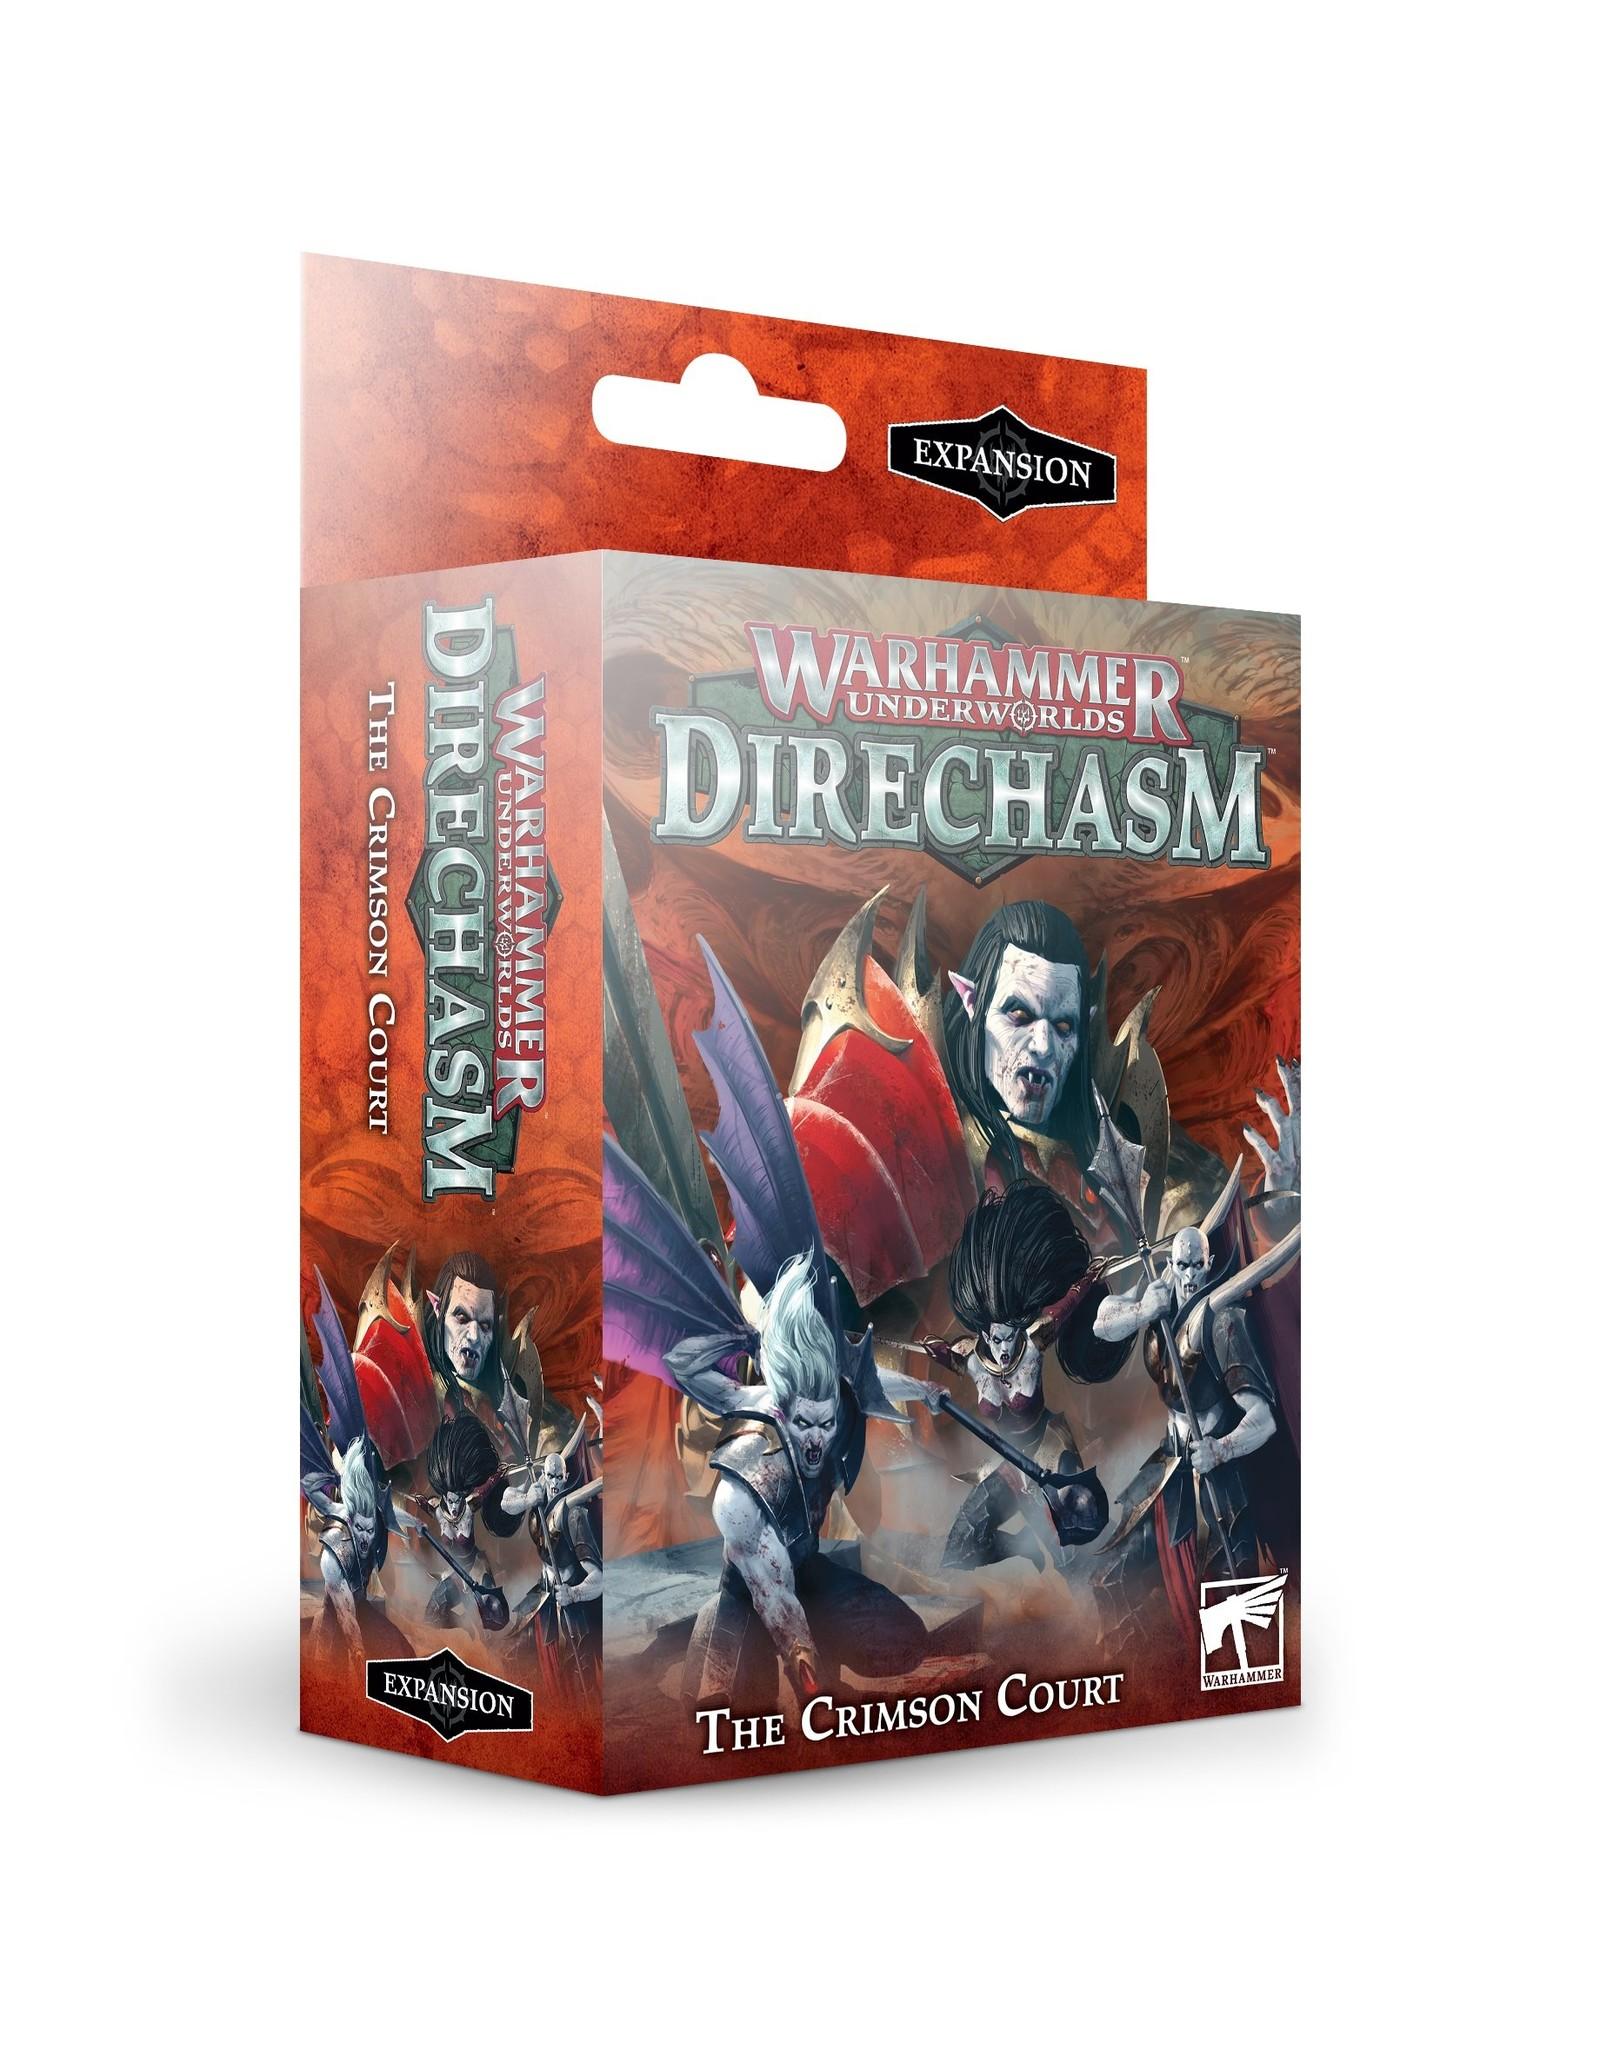 Warhammer Underworlds Warhammer Underworlds: The Crimson Court